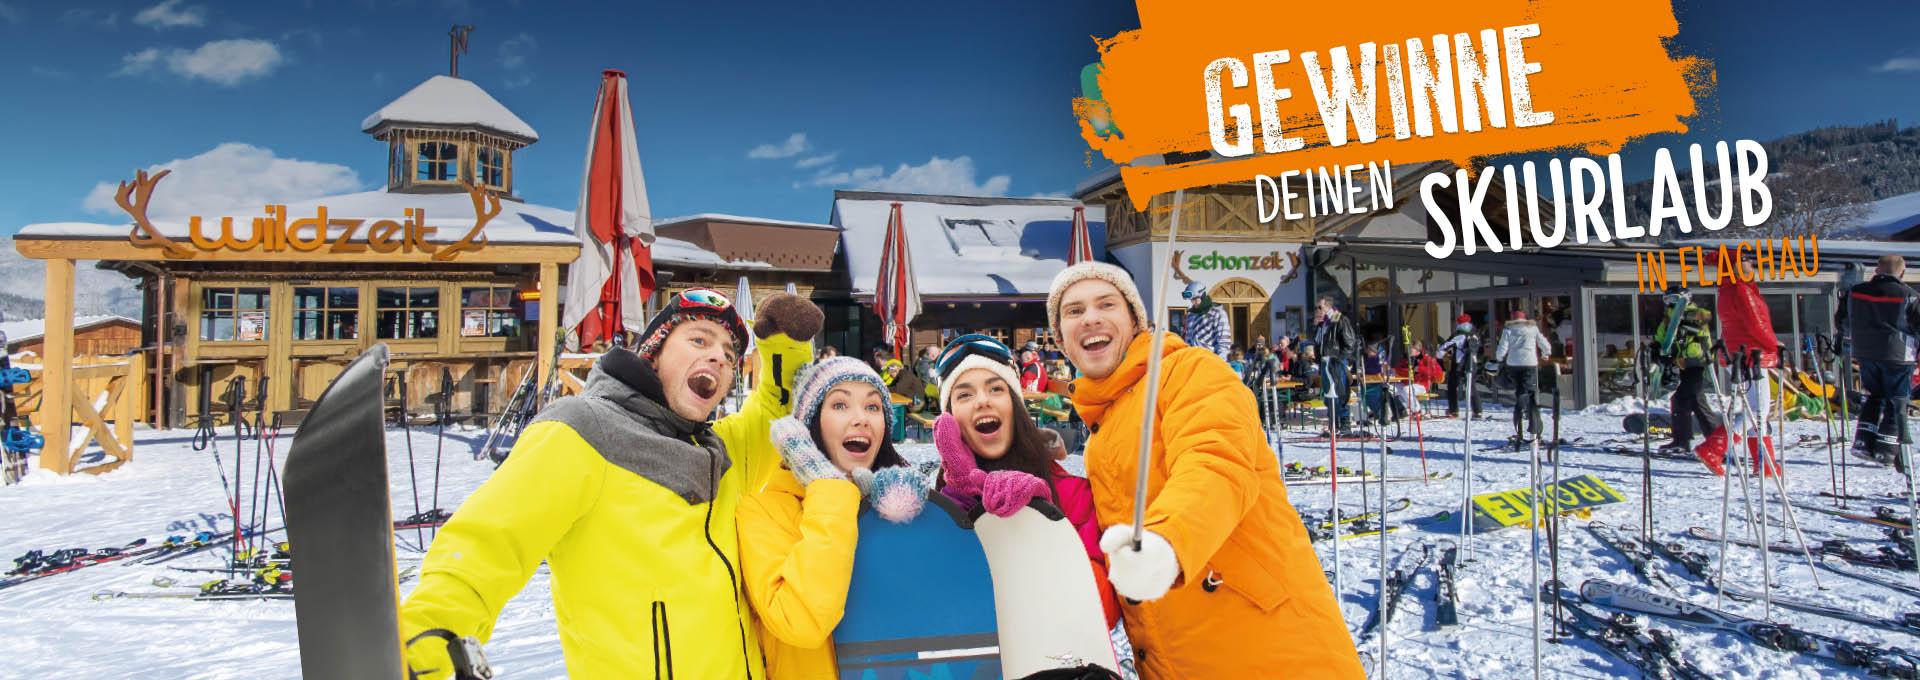 Skiurlaub gewinnen - Gewinnspiel Wildzeit Flachau